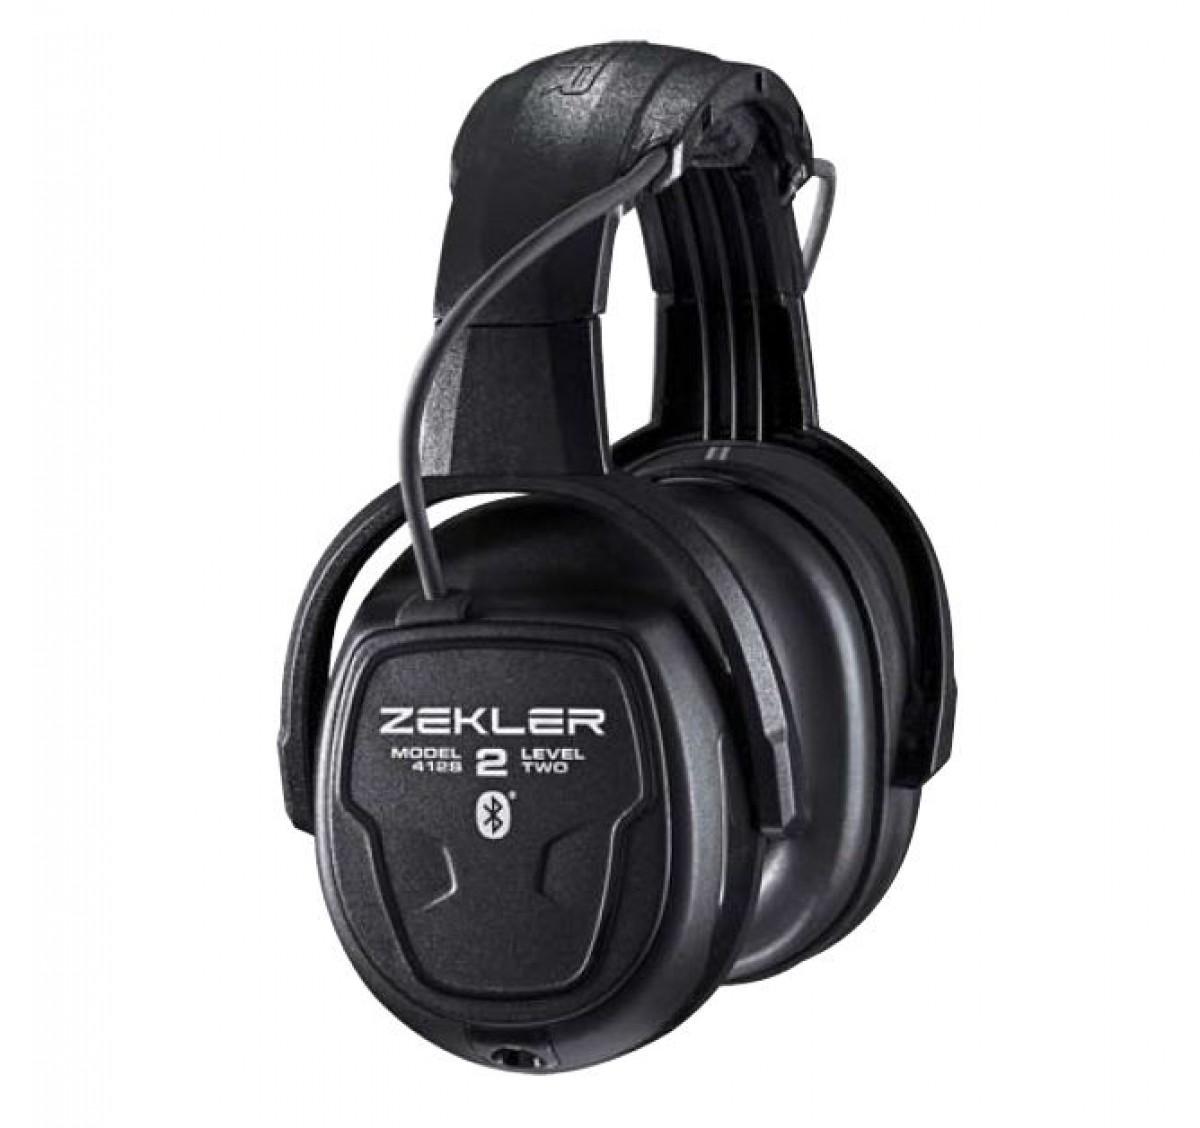 019b7e065 Høreværn Zekler 412S